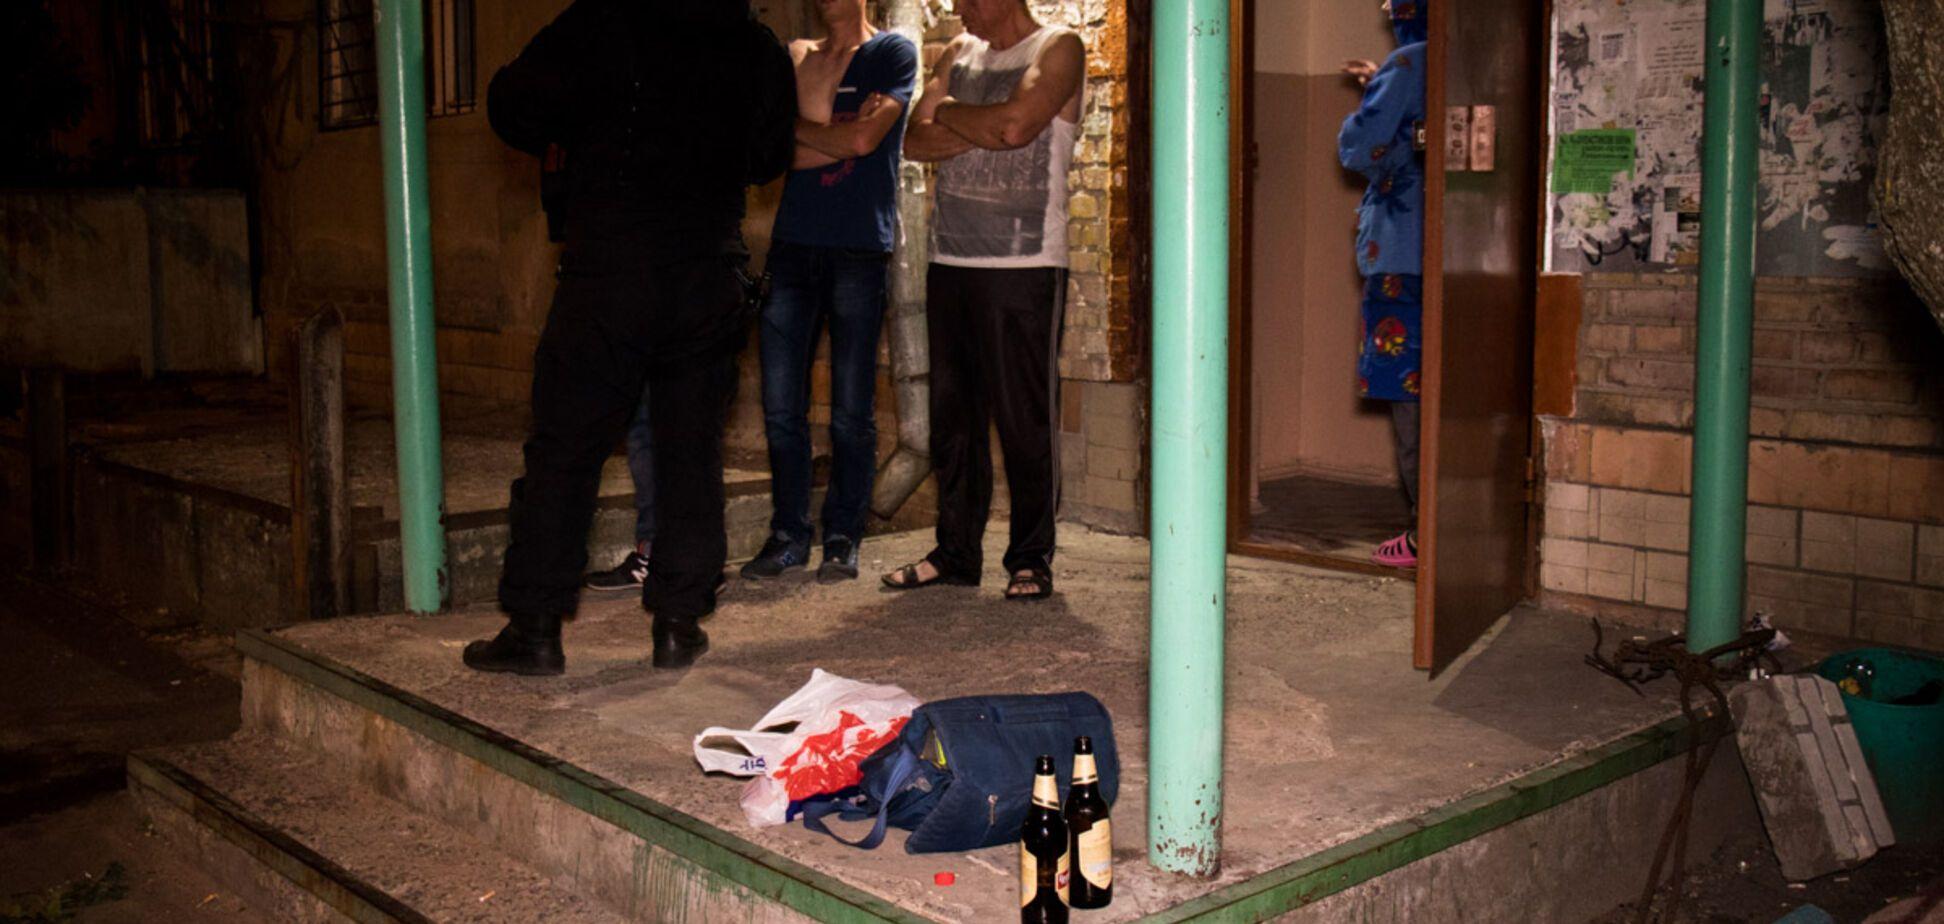 Зробив зауваження і напав: в Києві сталася кривава бійка з вагітною